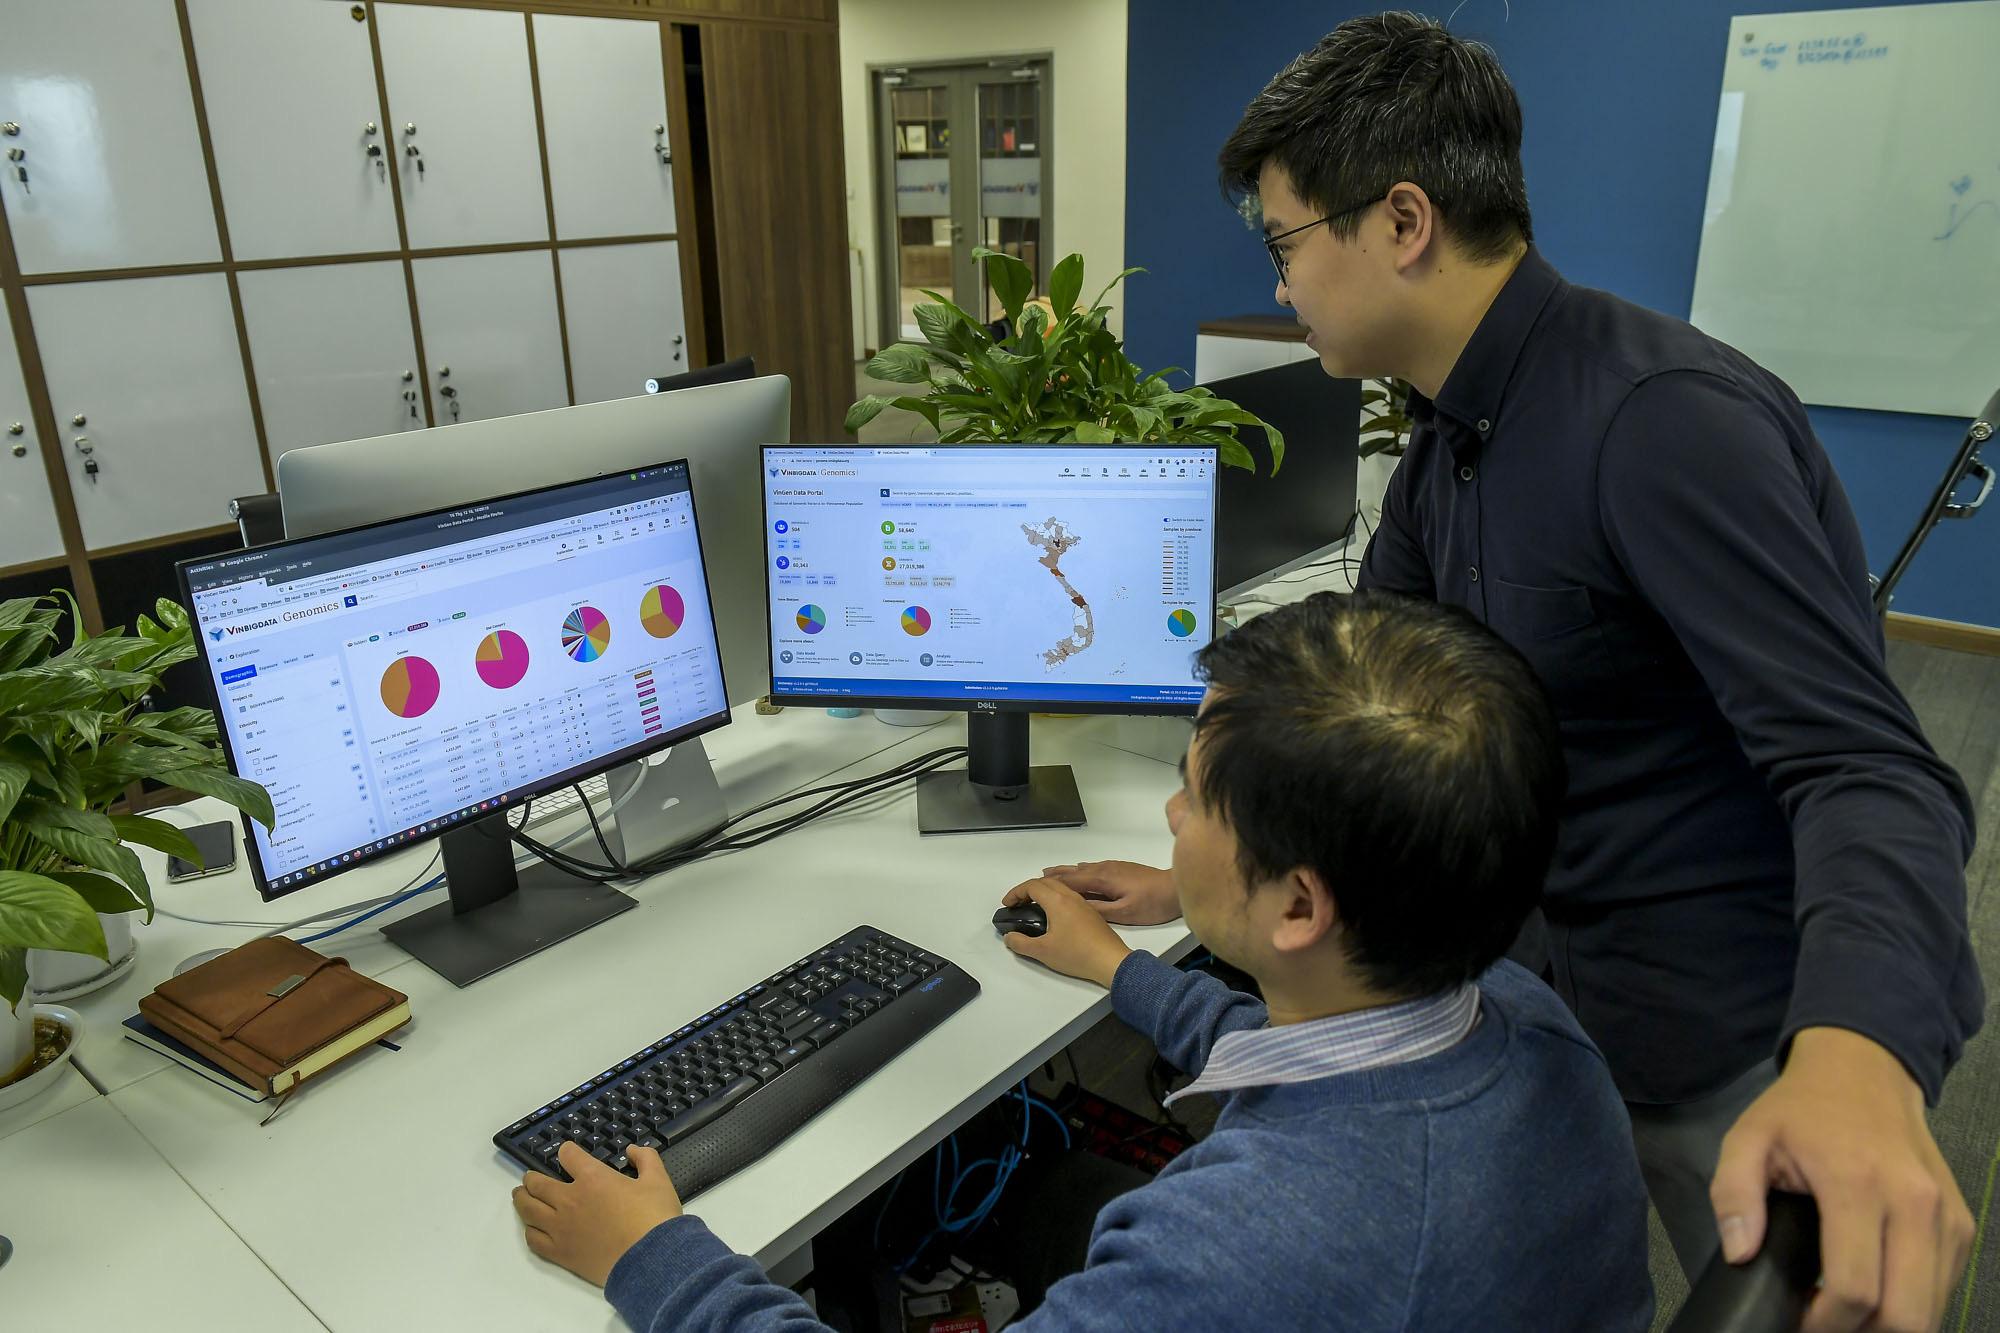 Vingroup công bố hợp tác quốc tế và ra mắt hệ thống quản lý dữ liệu Y sinh lớn nhất Việt Nam - Ảnh 3.